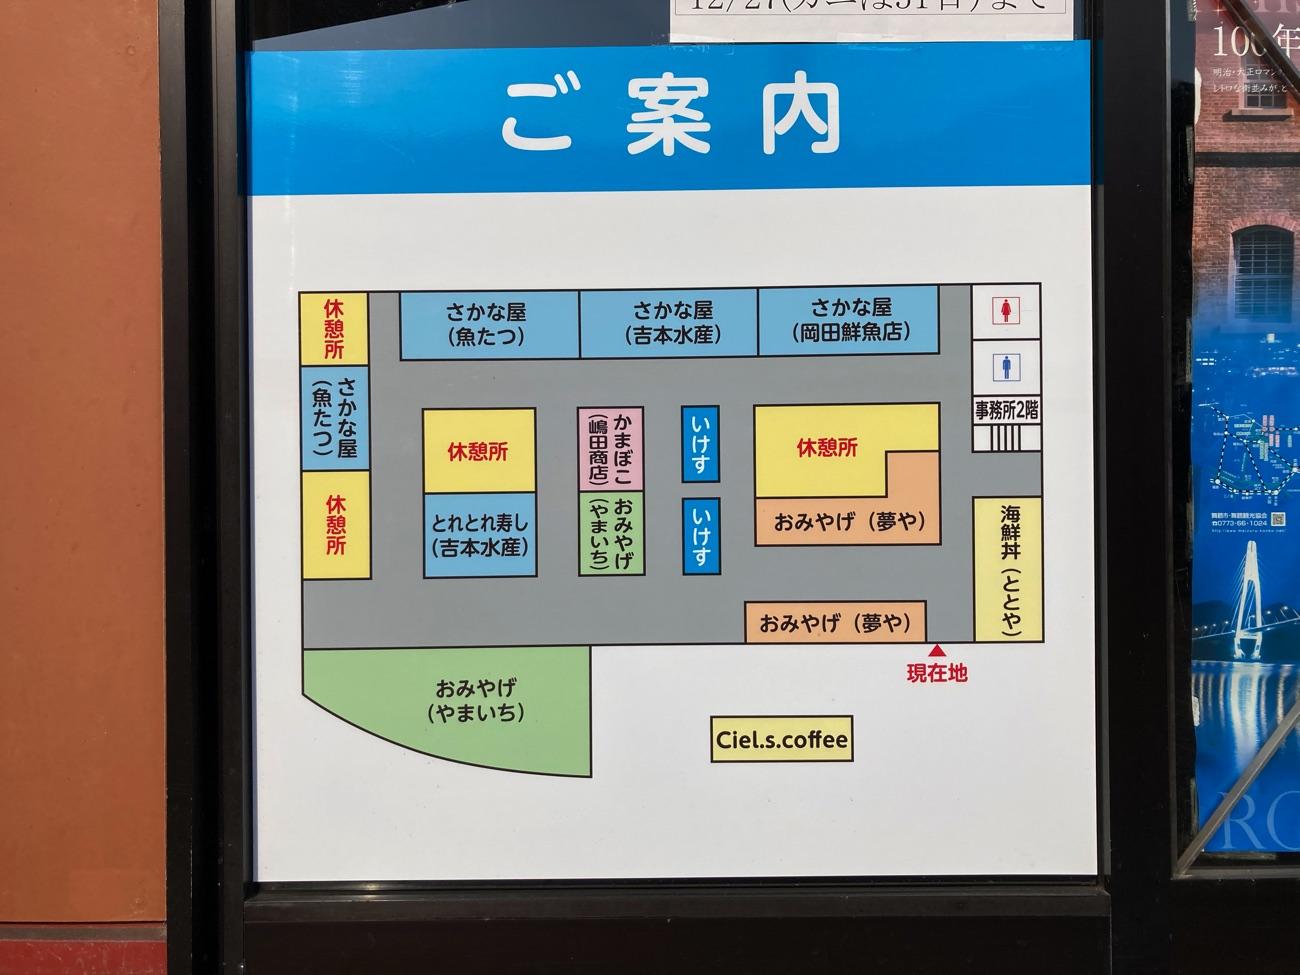 舞鶴港とれとれセンターの案内図